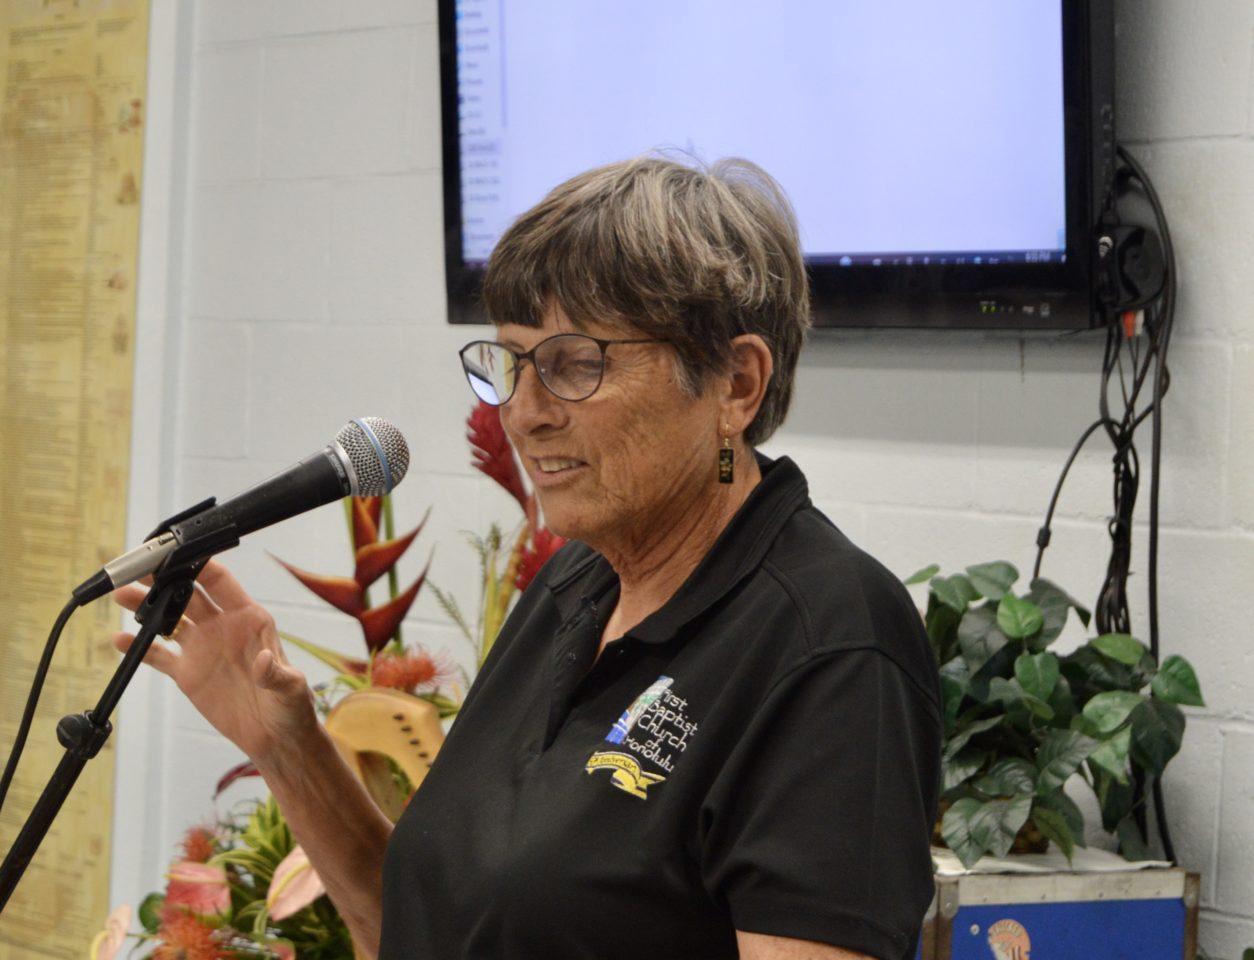 Sharon Dumas, Church Historian and 90th Anniversary Chair